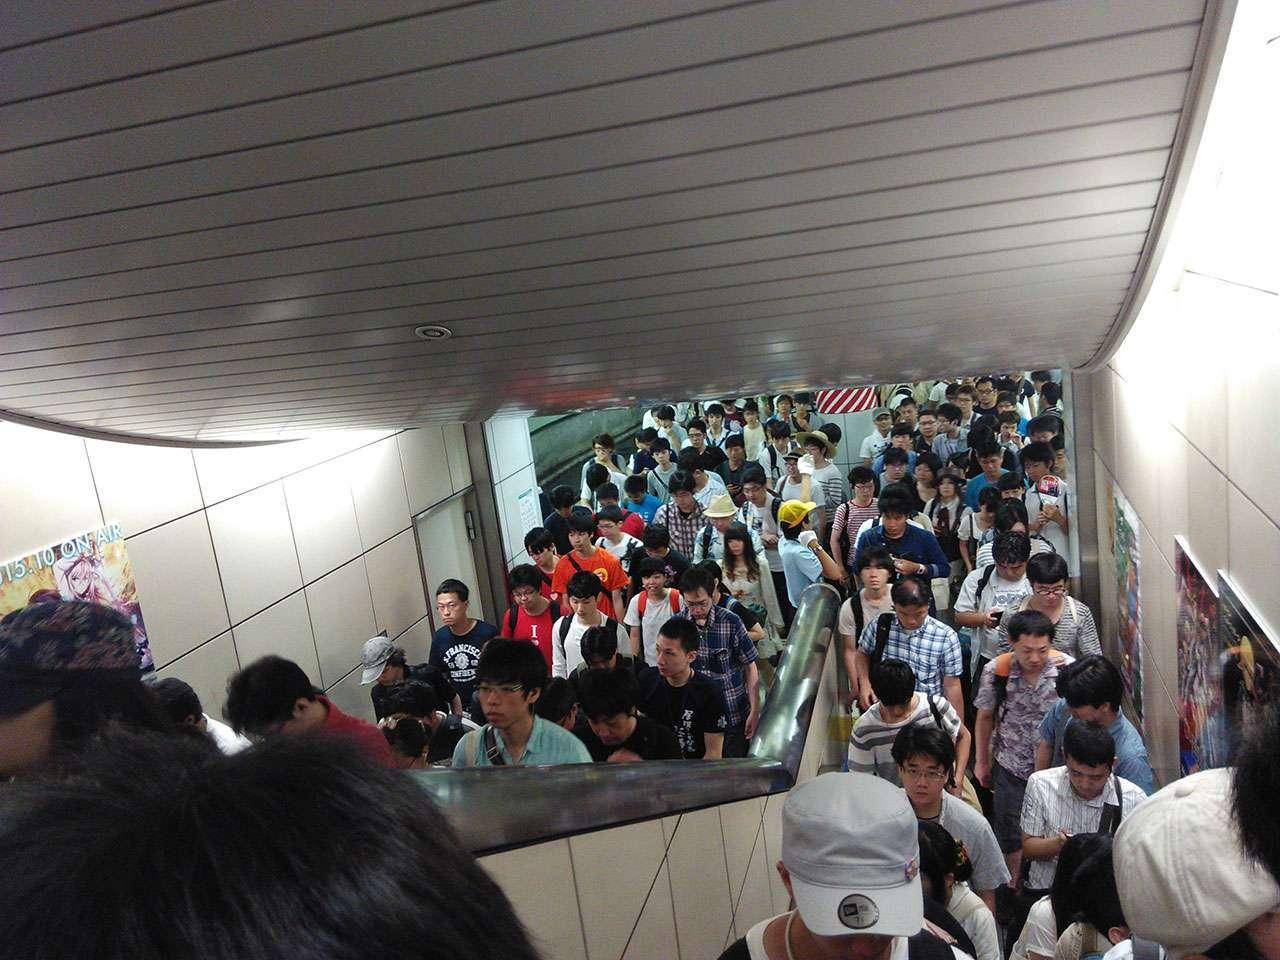 Seperti tangga di stasiun Tanah Abang, bukan?